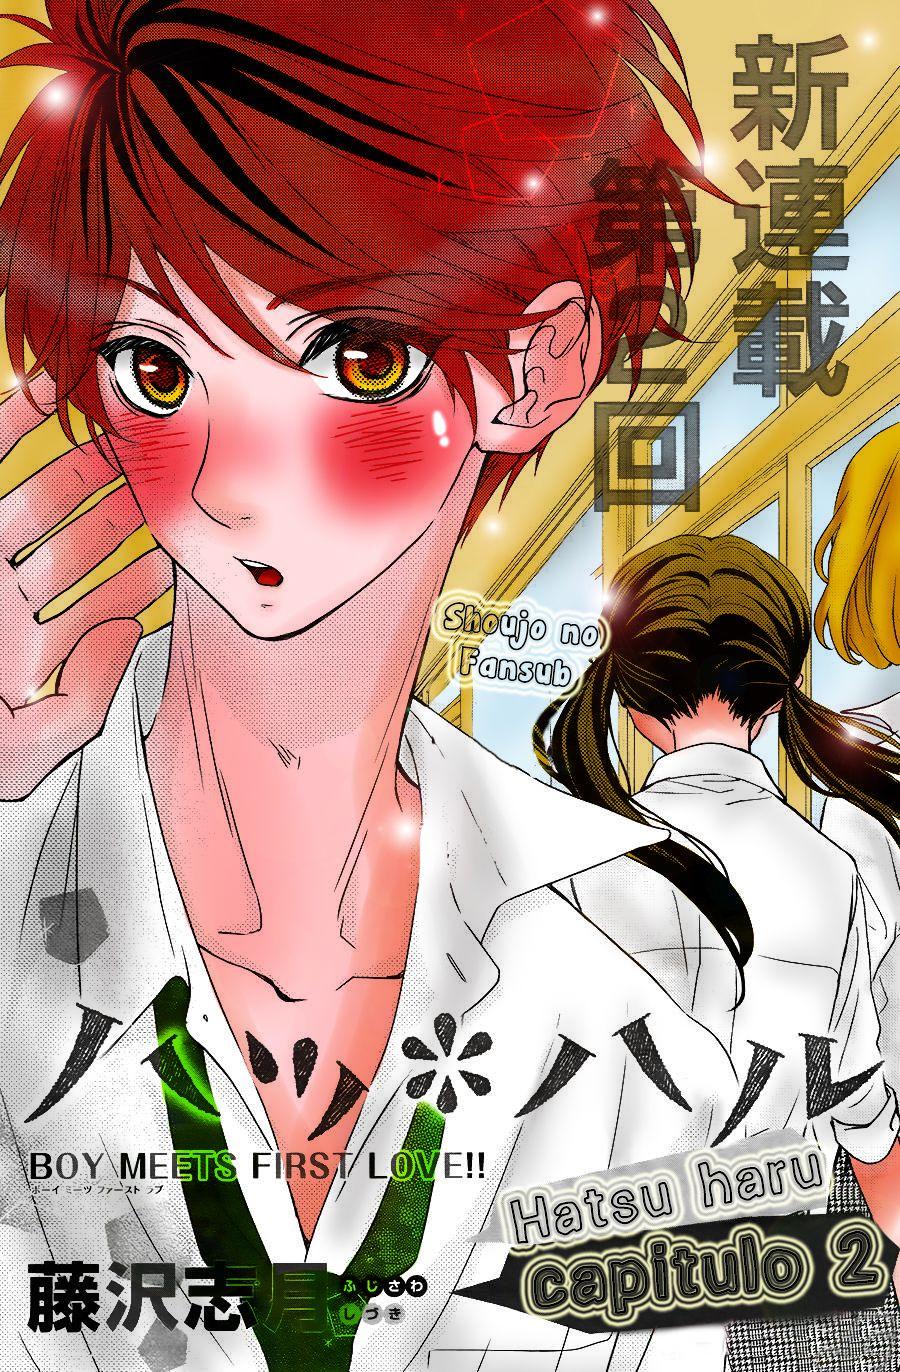 Hatsu Haru Capítulo 2 página 4 - Leer Manga en Español